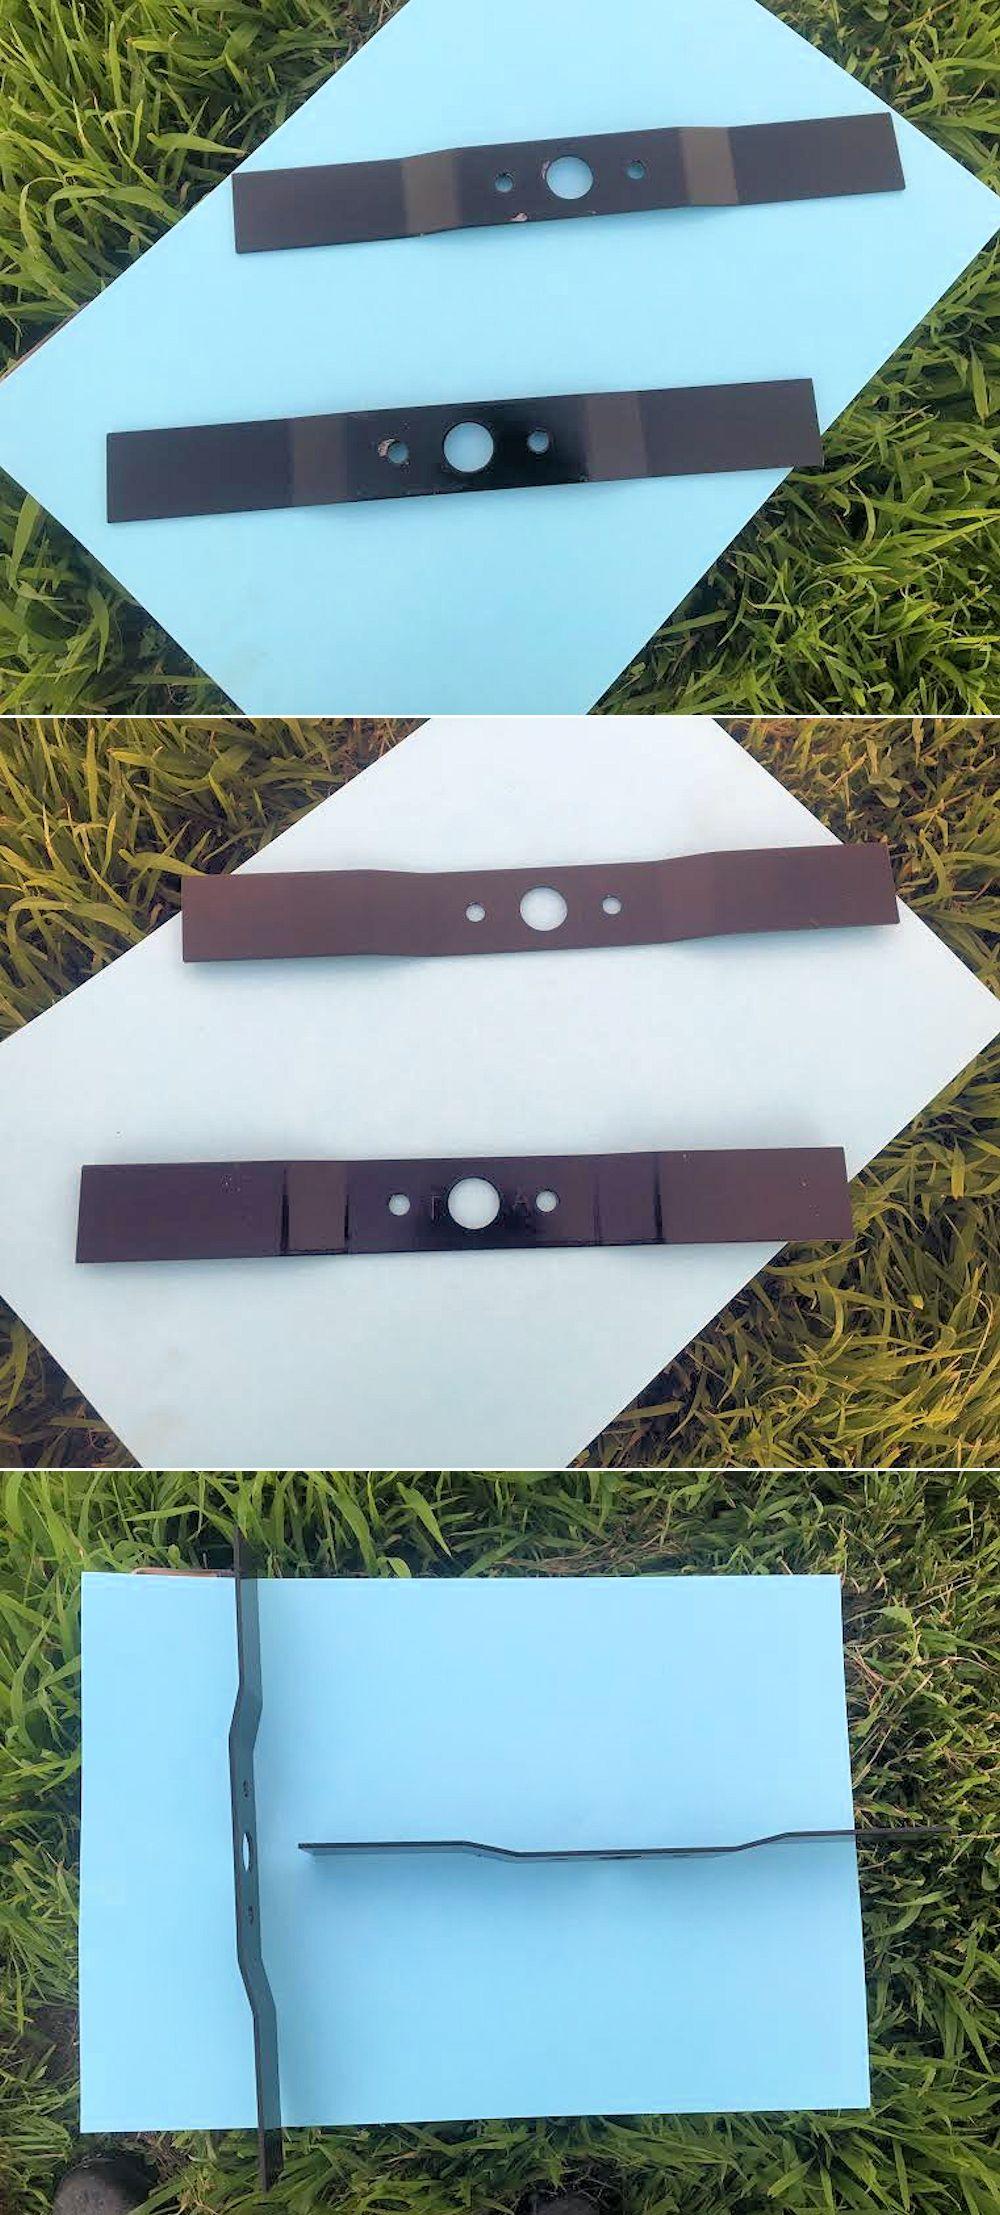 オーレック 二面畦草刈機 ウィングモア用 ナイフ ブレード 35cm 極薄3mm 2枚 1台分 切れ味抜群!新品